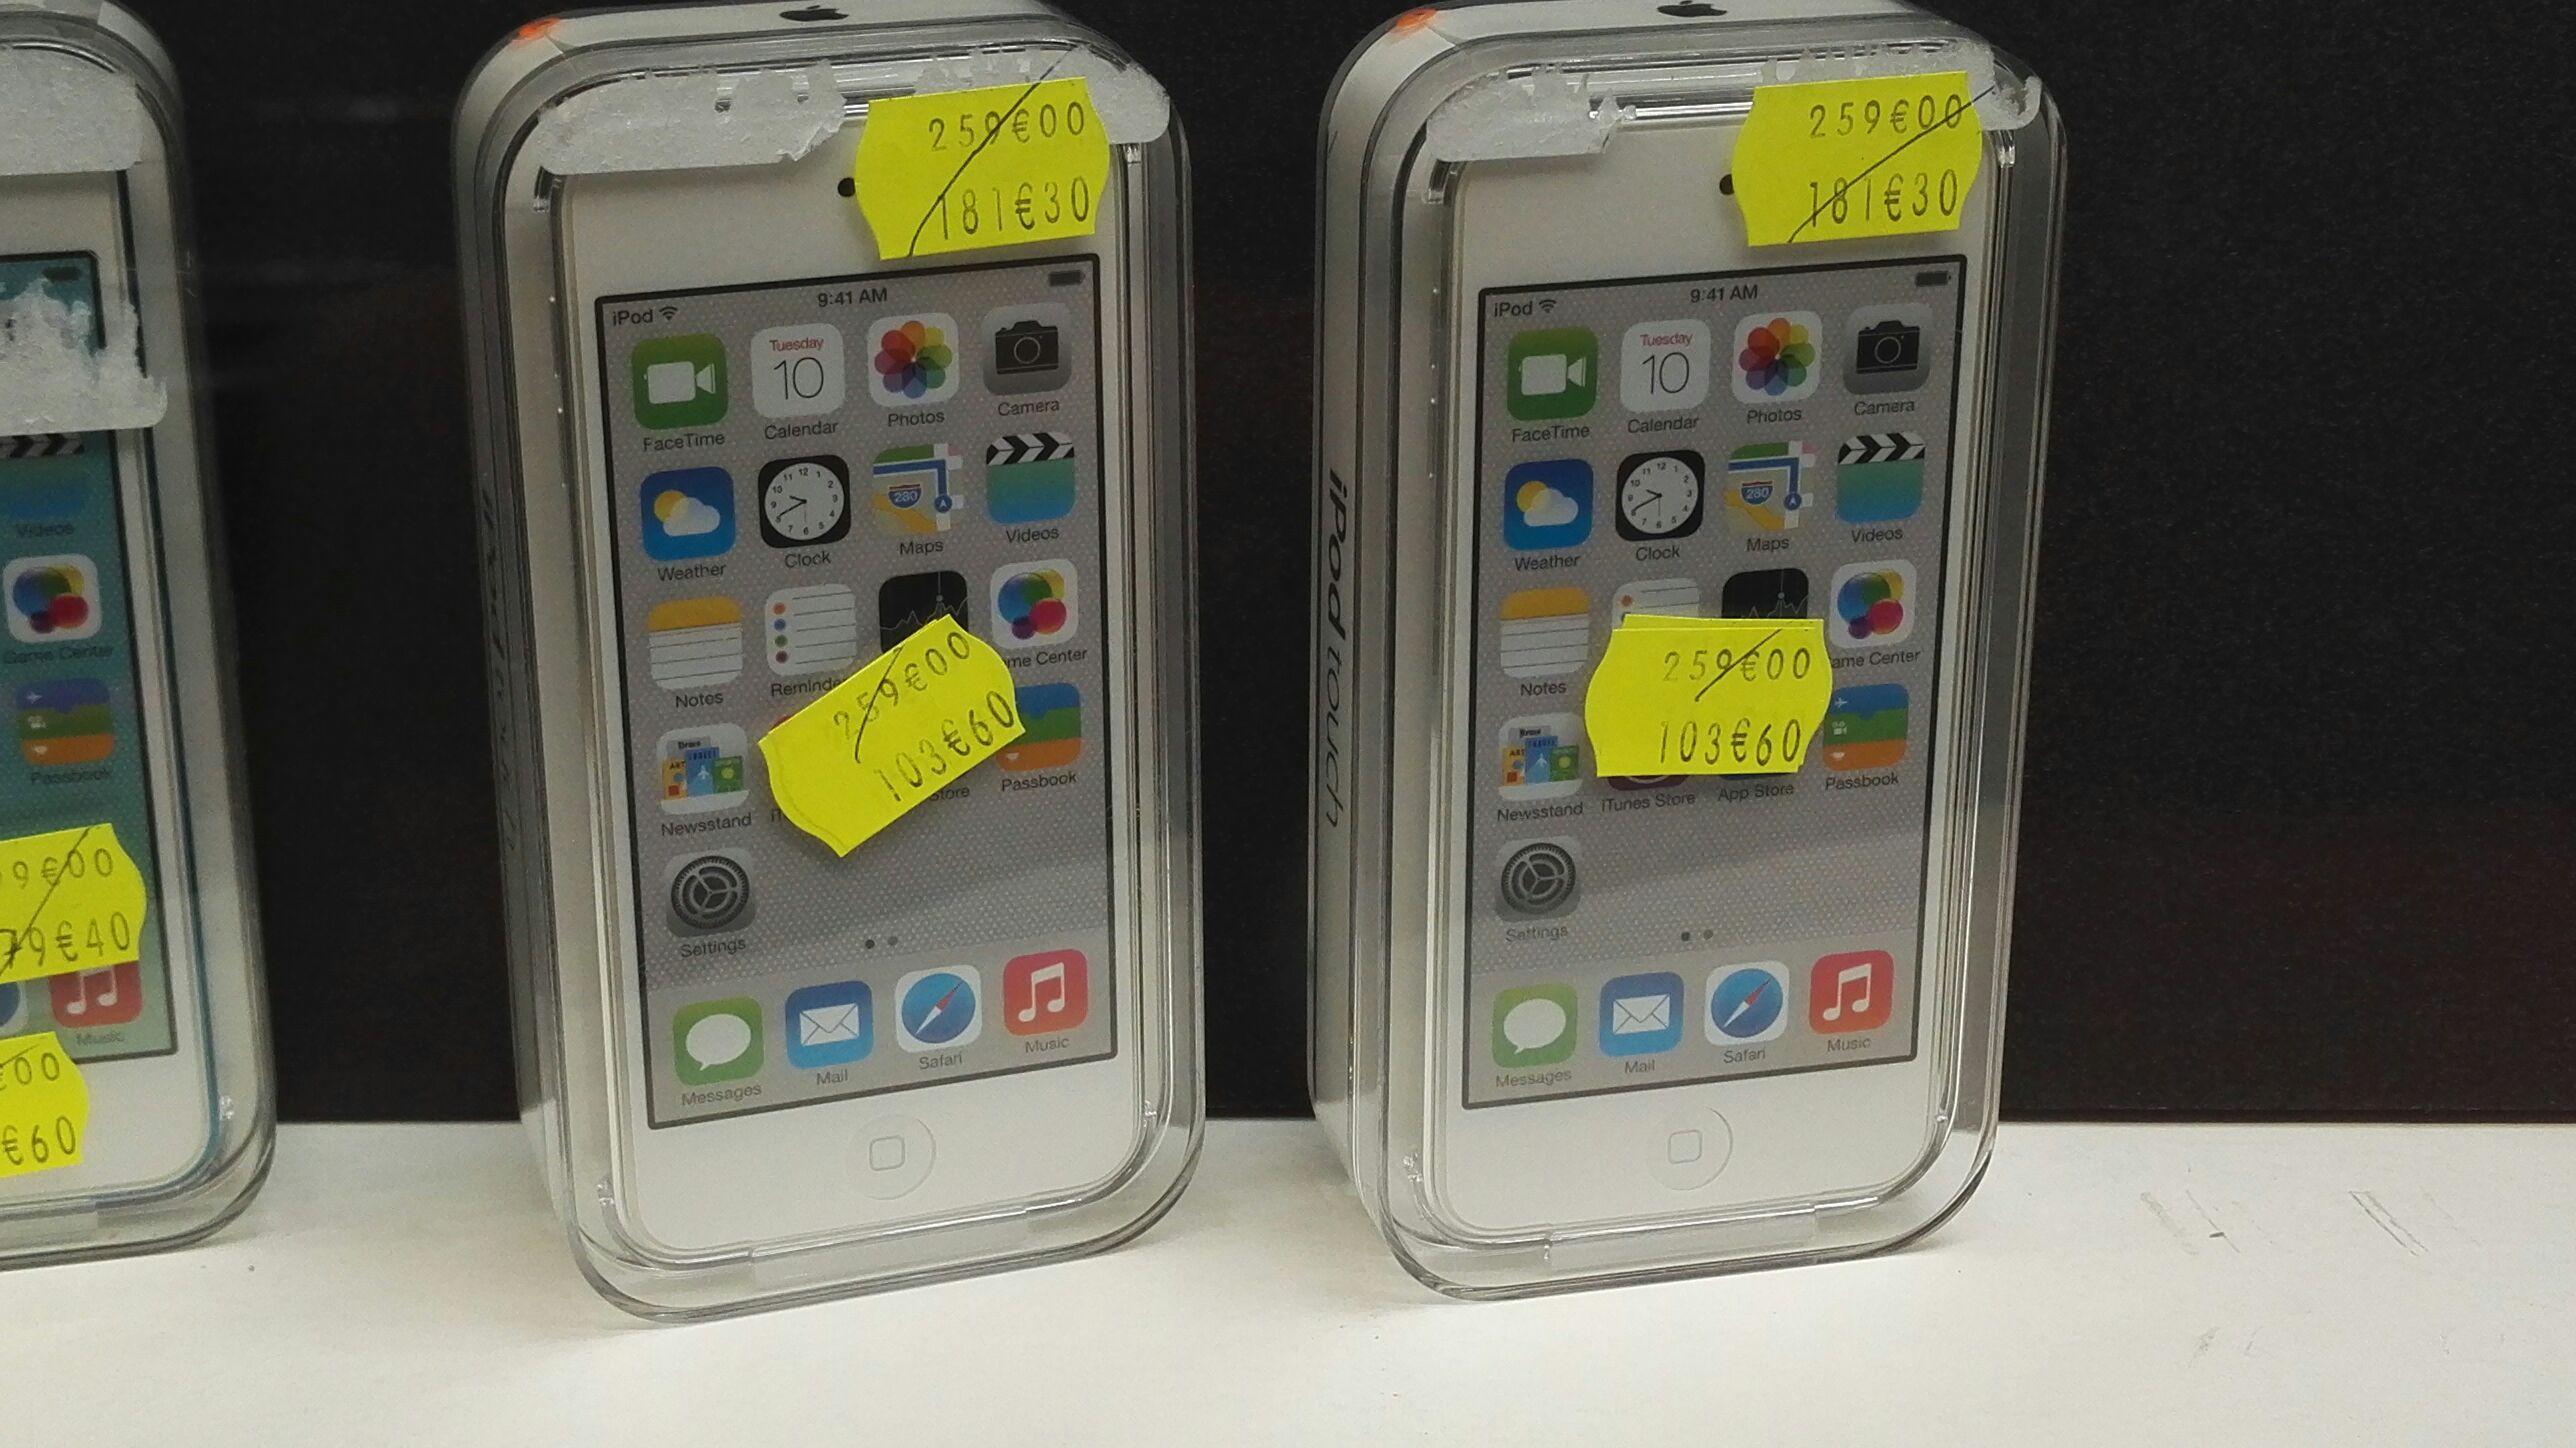 Ipod Touch 16Go (5ème génération)